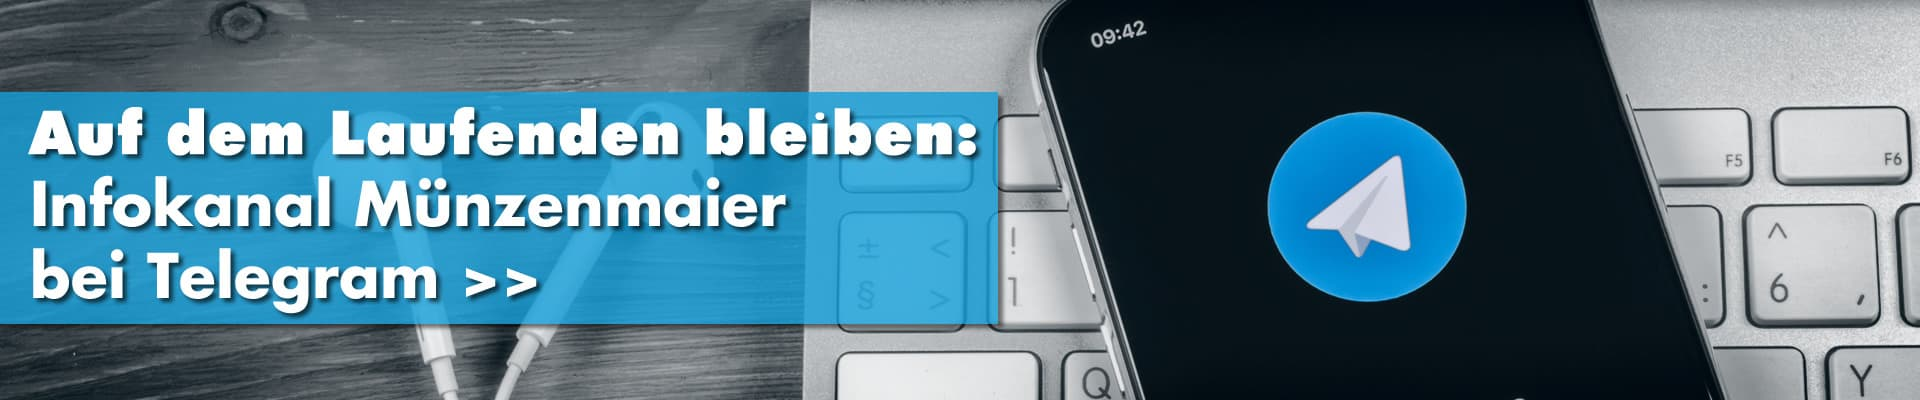 Infokanal Münzenmaier bei Telegram